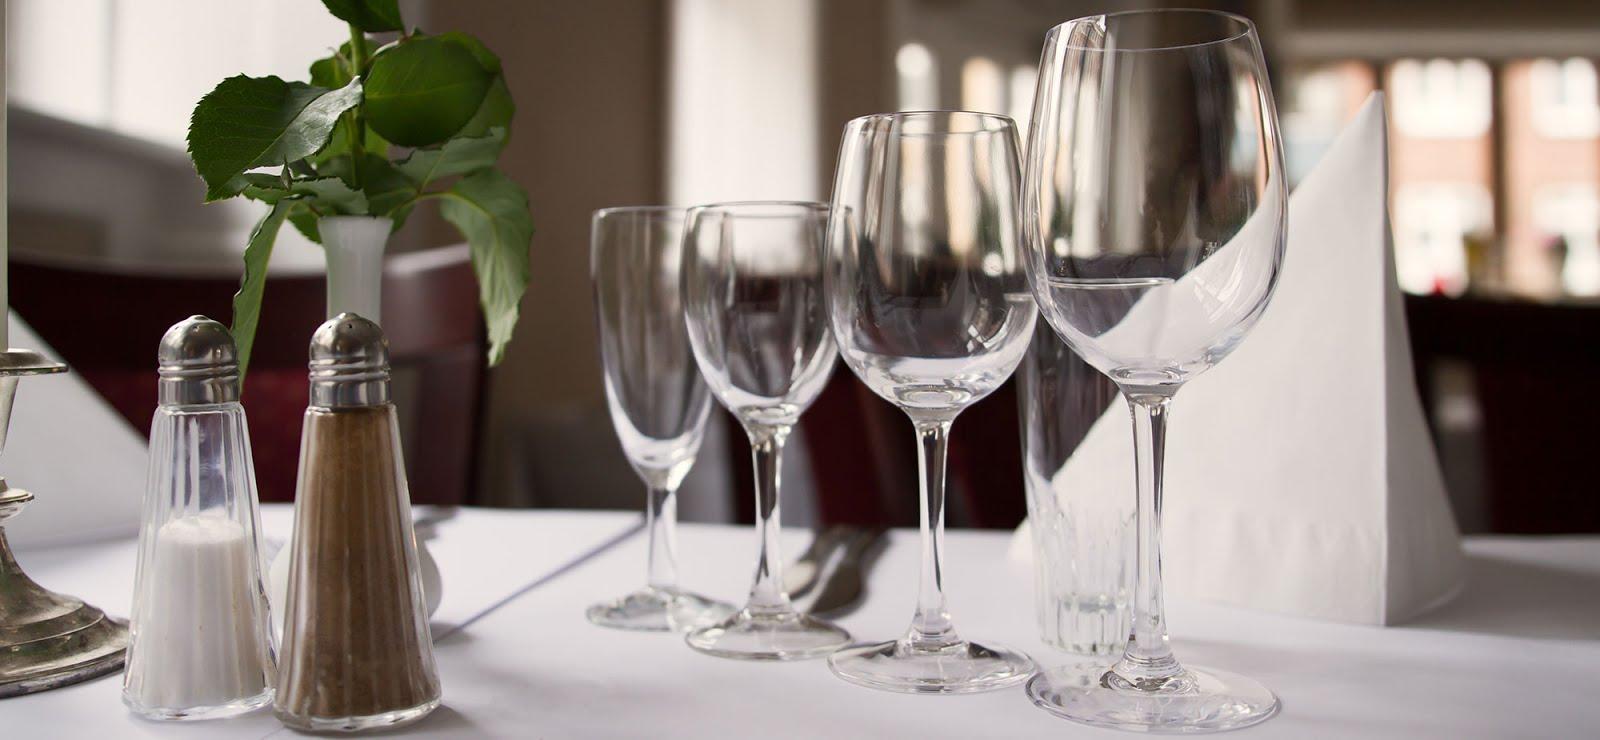 Kloge Hoveders vinsmagning med 9 USA Vestkyst vine  (295 kr) den 2. december 2016 kl. 17.30 - 20.15